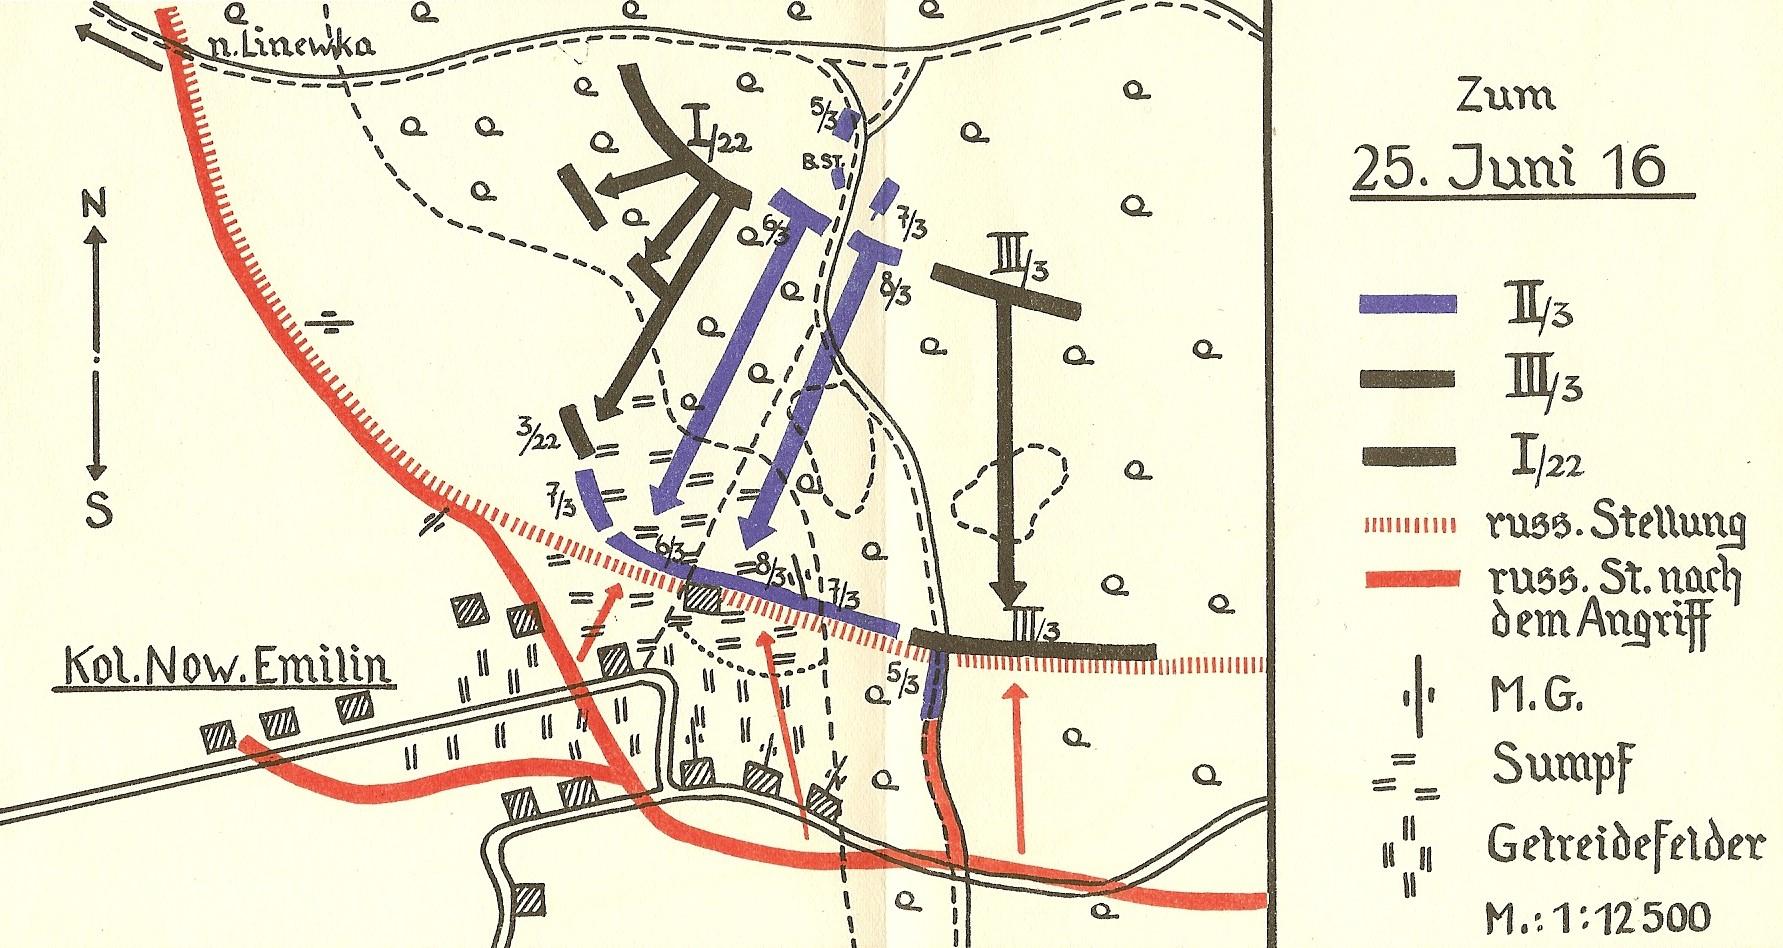 """Image 5: Action on June 25, 1916 in which Leutnant der Reserve Steiner fought. Image from """"Kommandeur Ritter von Steiner der Bauernbub im Weltkrieg""""."""